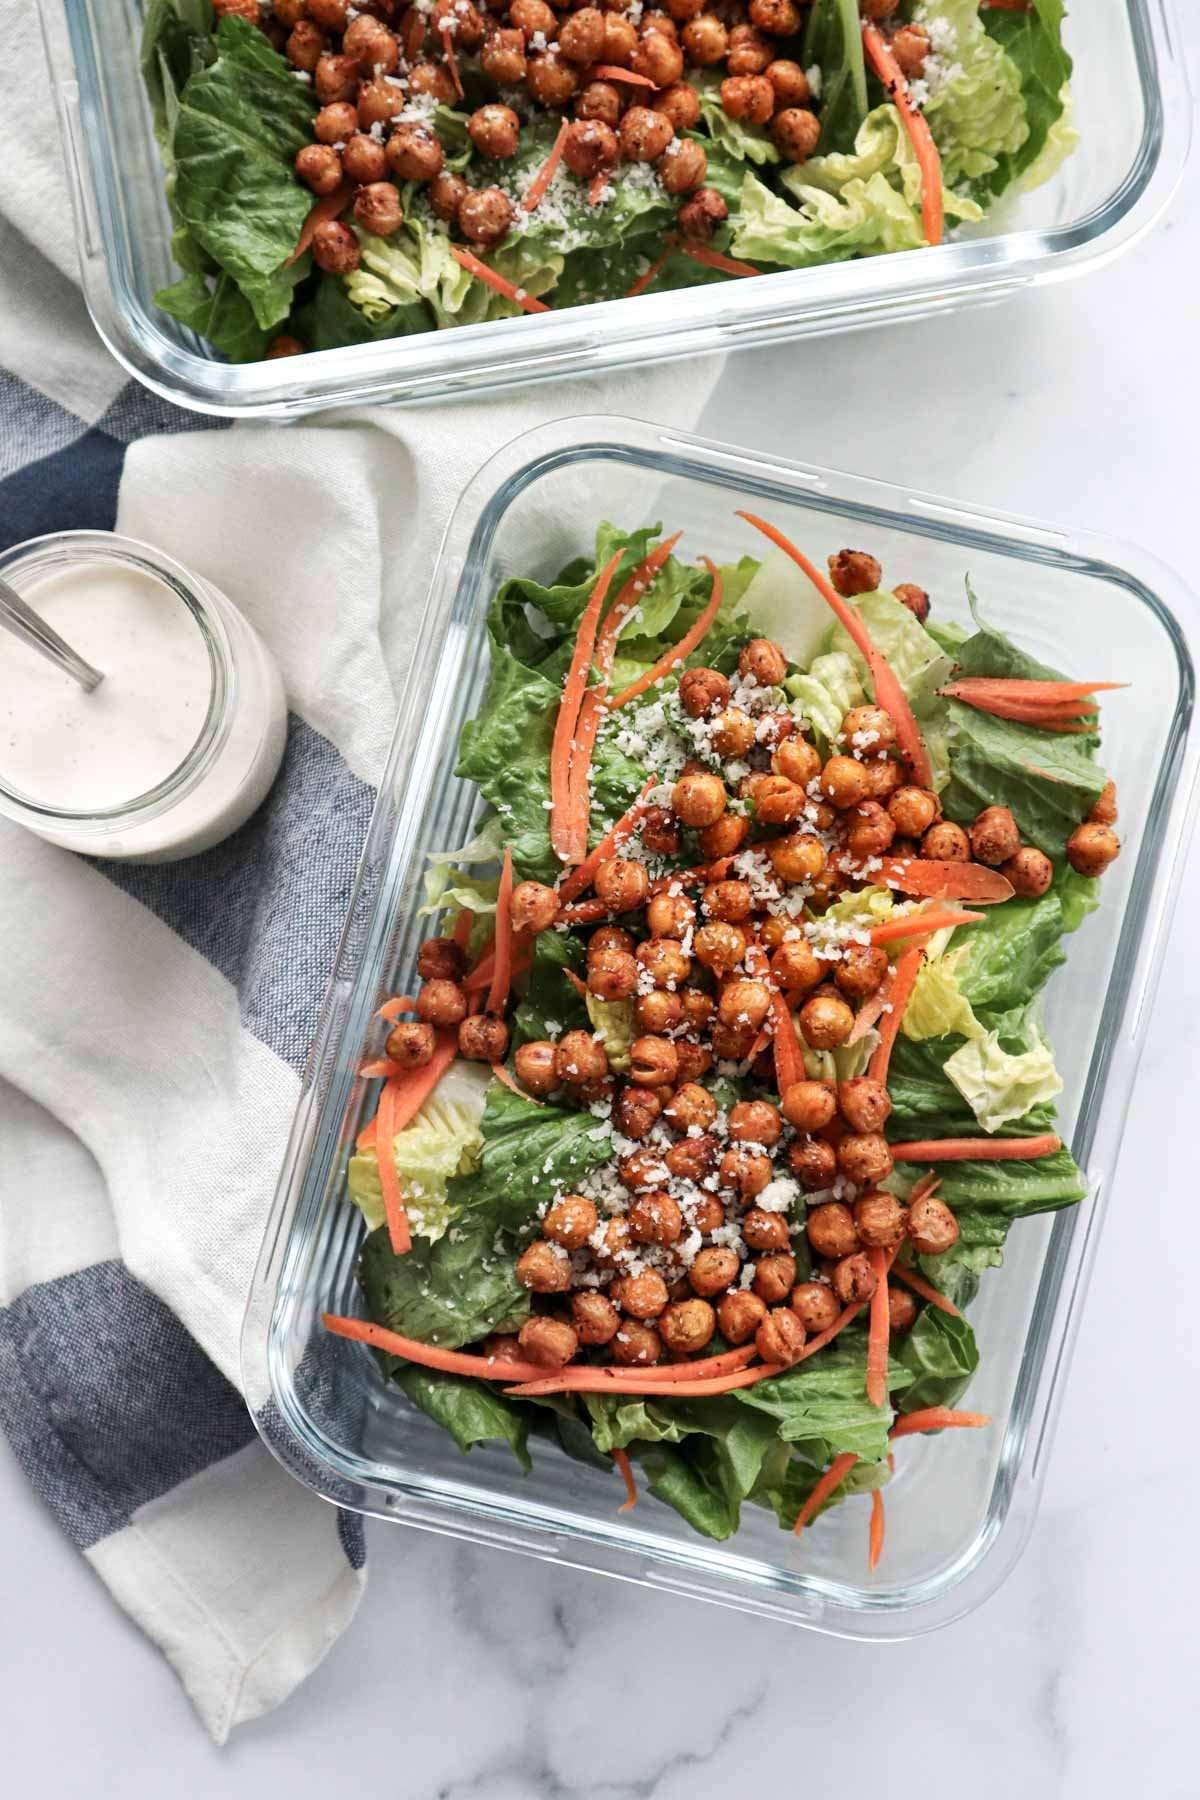 Plat de lunch de salade cesar végétarienne avec pois chiches croustillants et sauce César maison